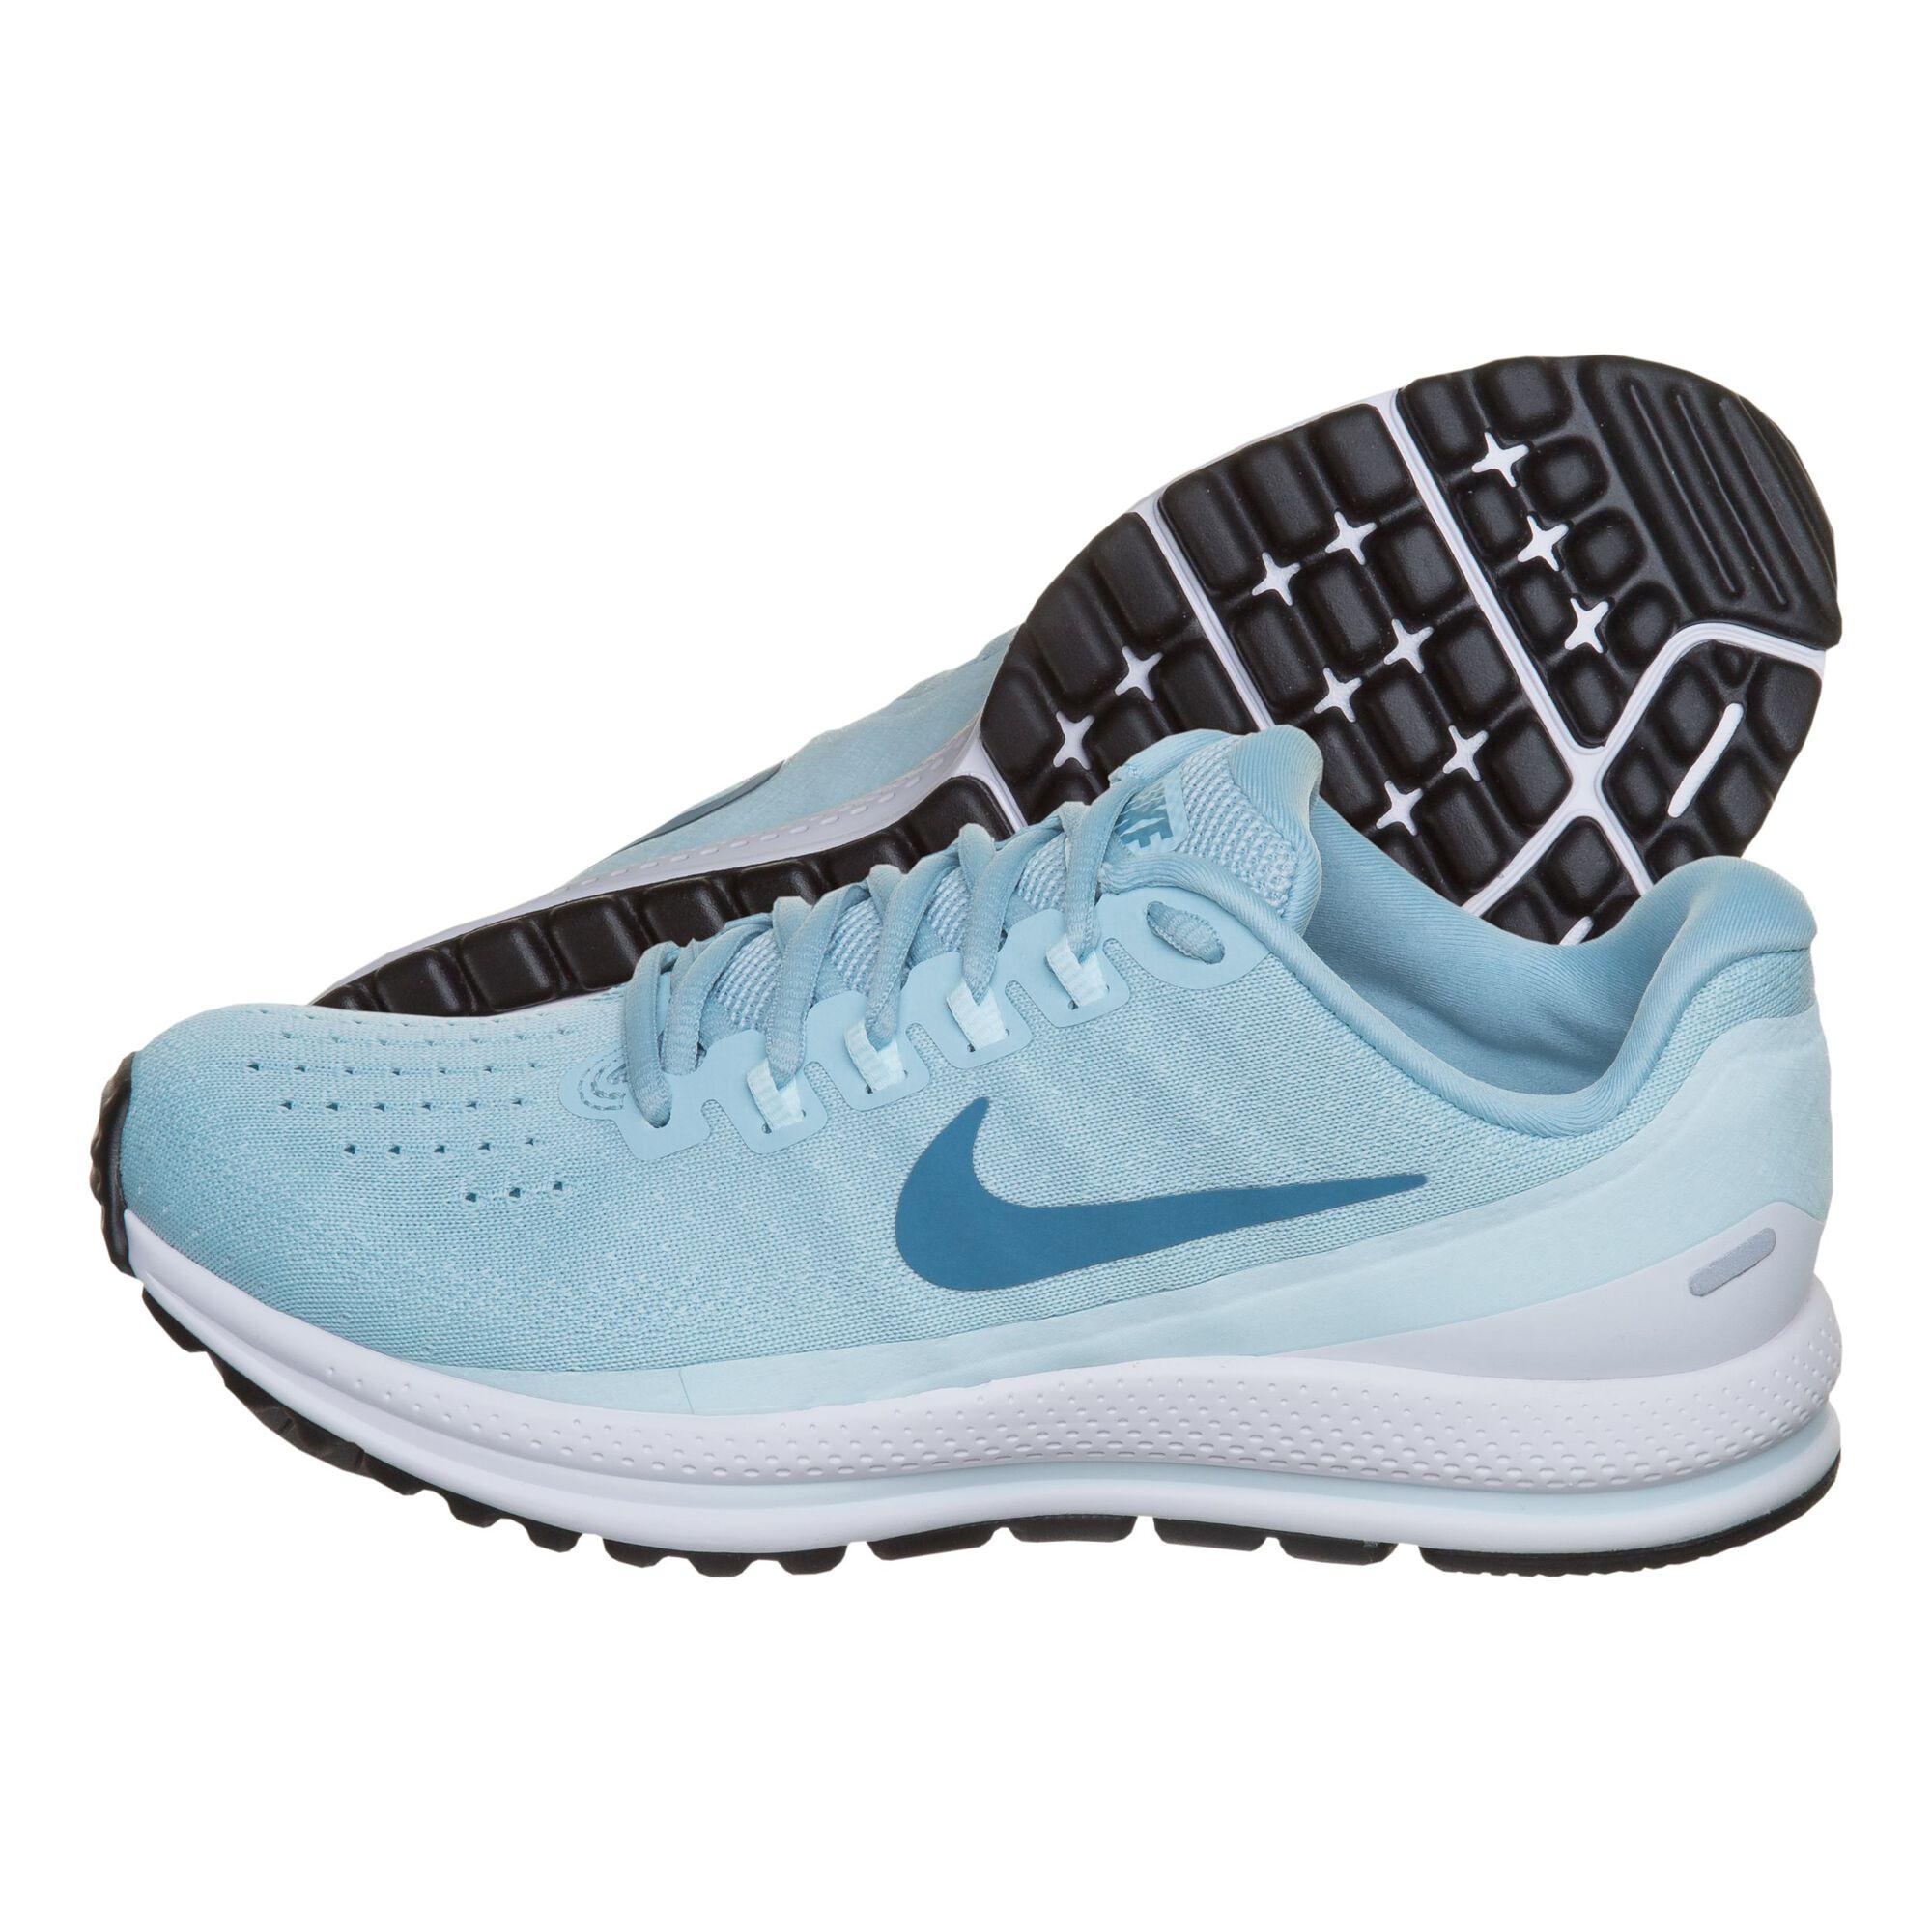 buy online 91674 c0404 ... Nike  Nike  Nike  Nike  Nike  Nike. Air Zoom Vomero 13 ...